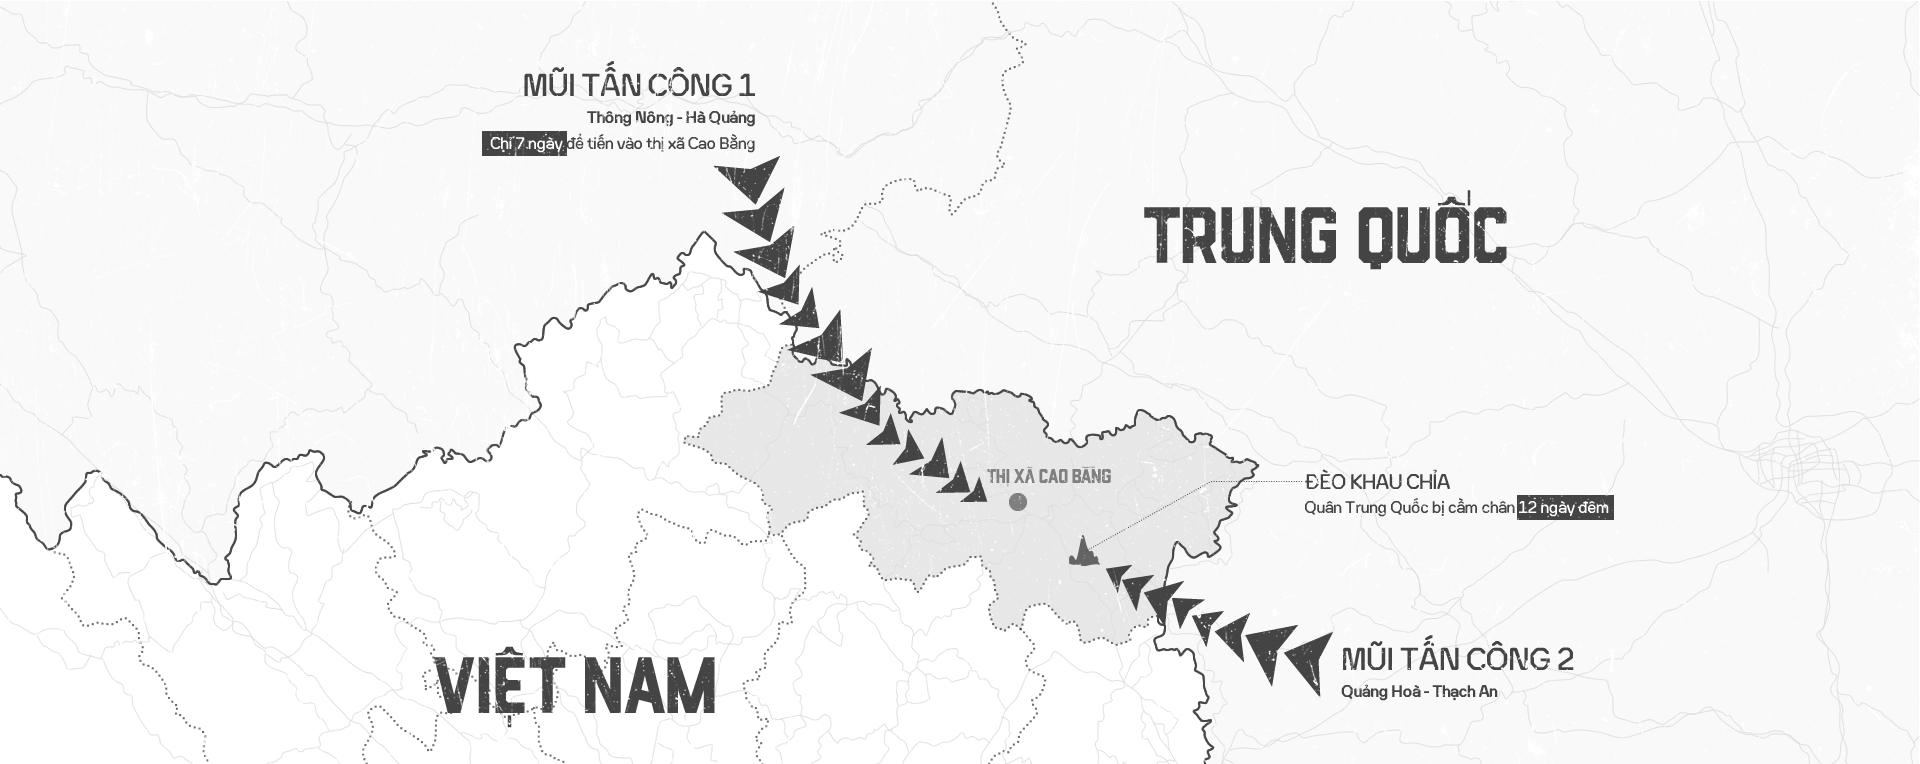 Sơ đồ 2 mũi tấn công của Trung Quốc vào Cao Bằng, bị chặn lại ở đèo Khau Chỉa.